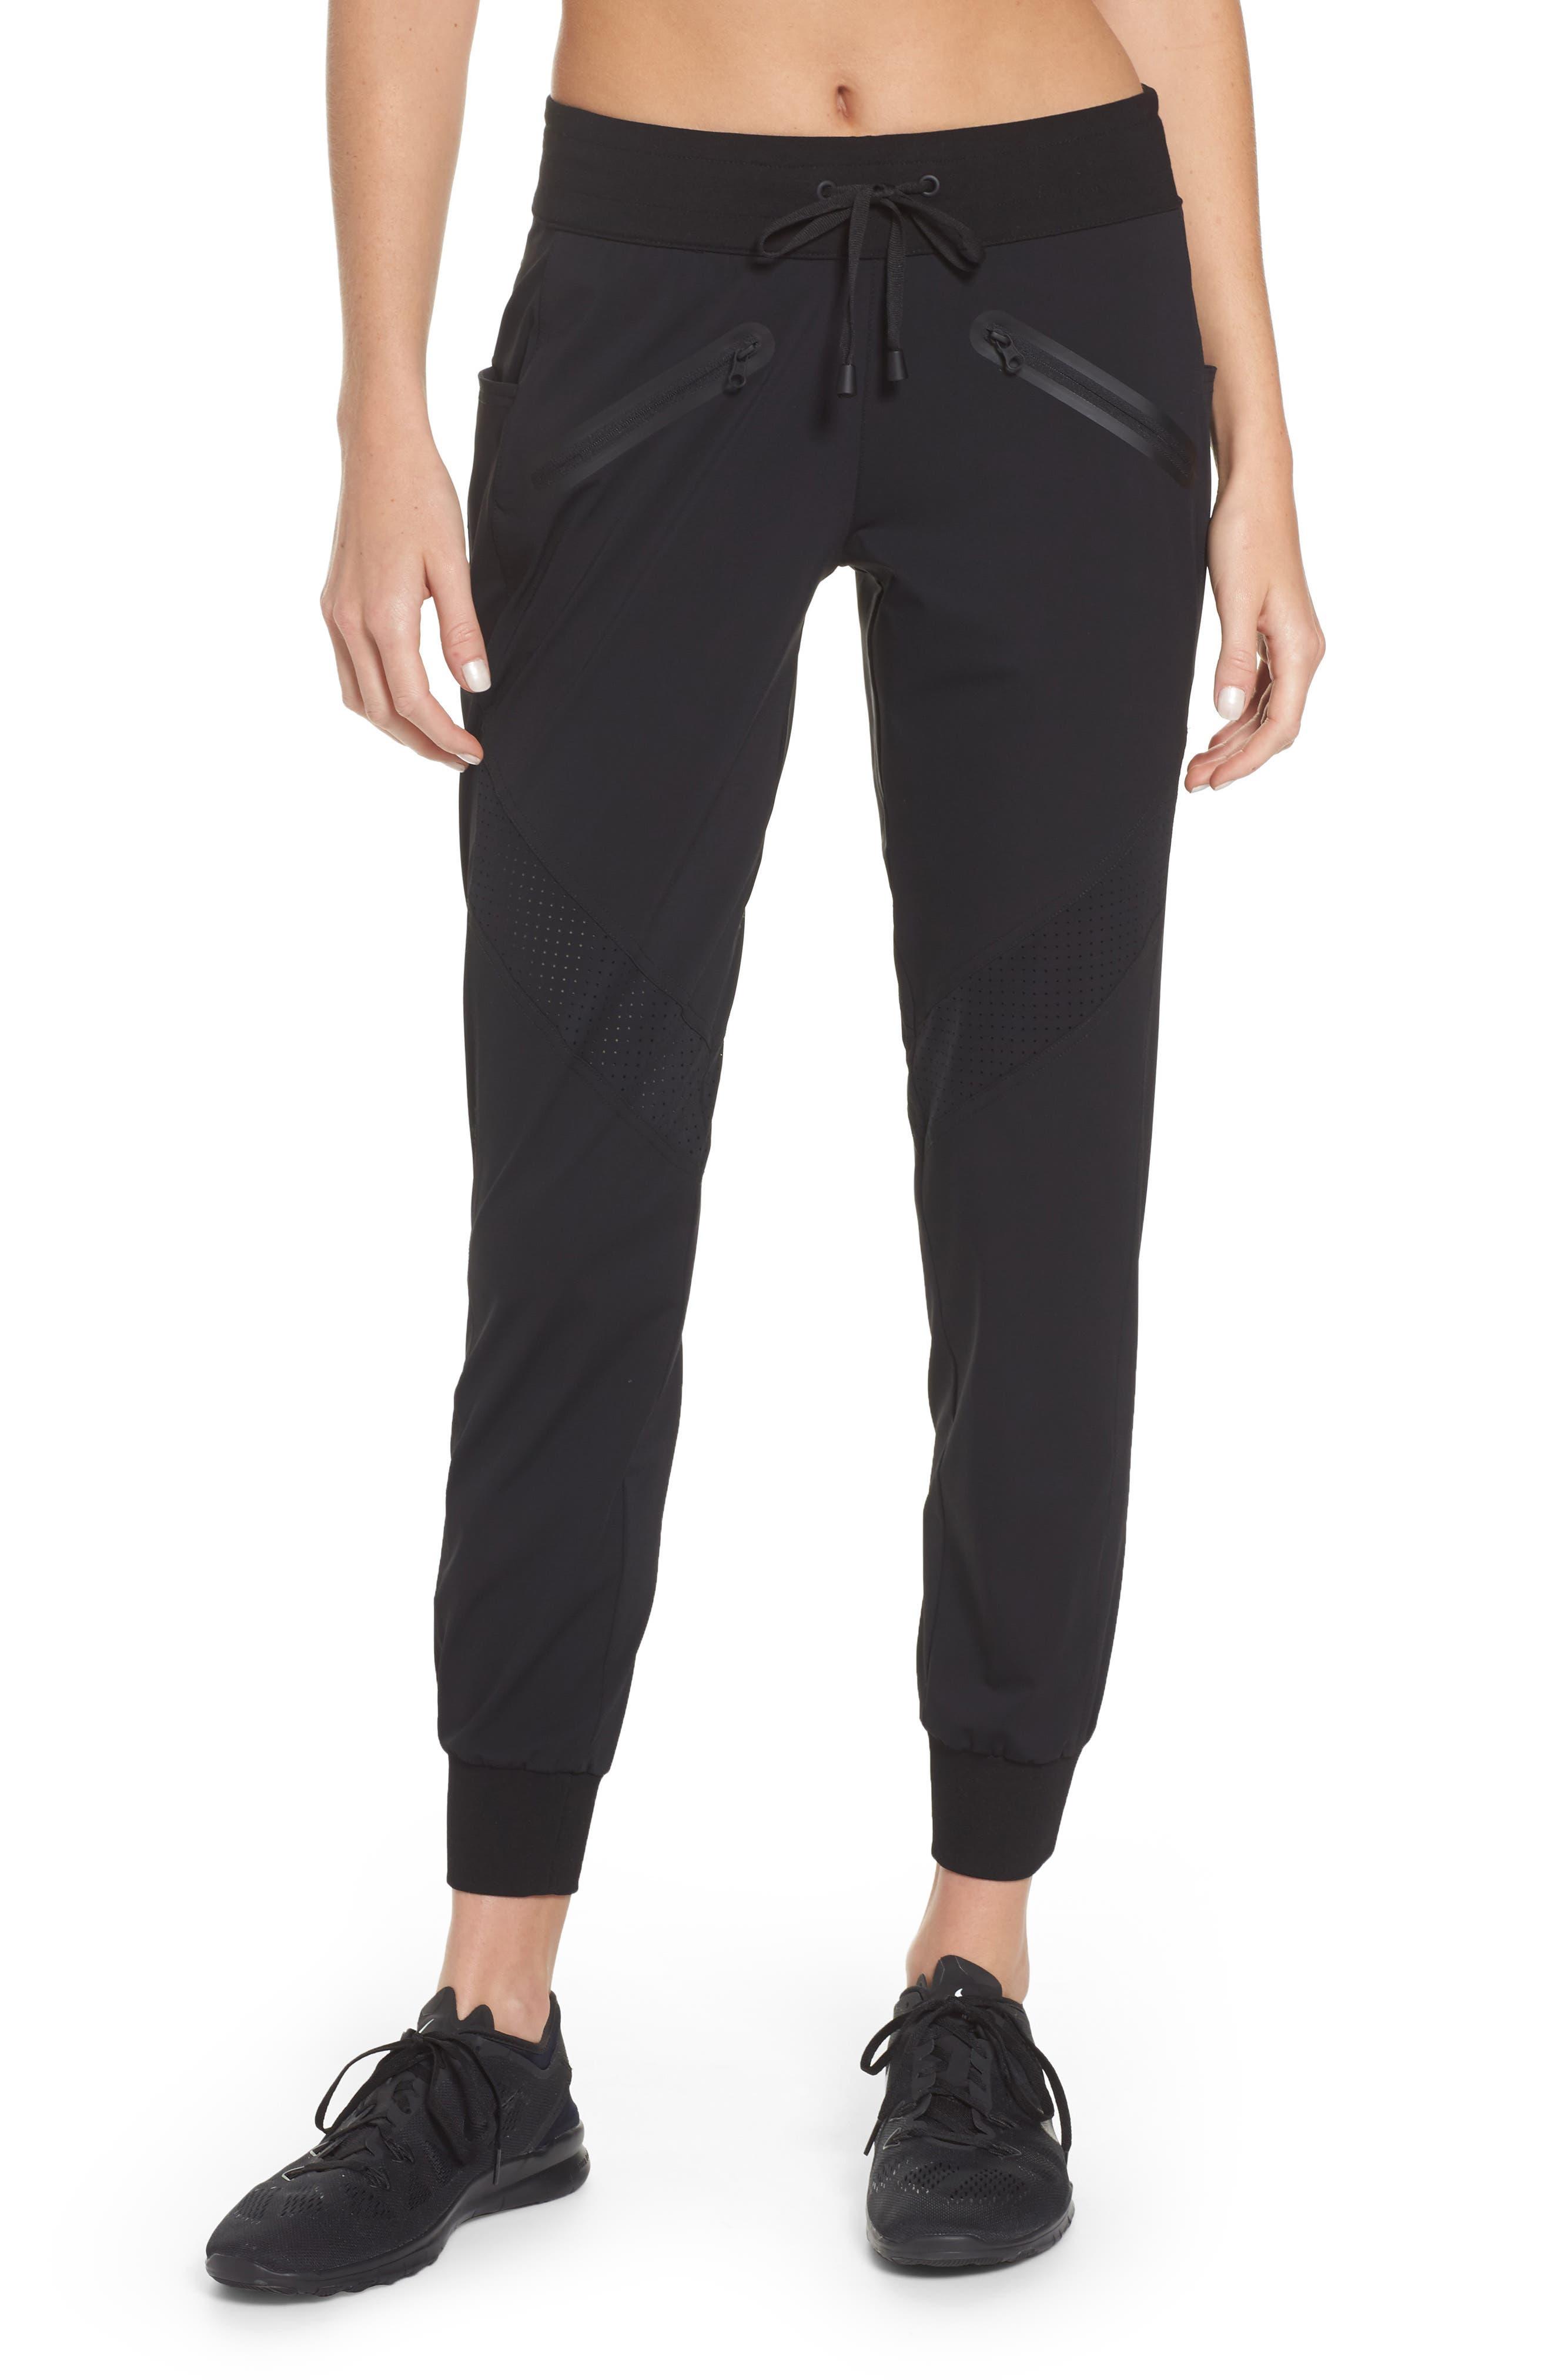 Vibe Jogger Pants,                         Main,                         color, Black/ Black